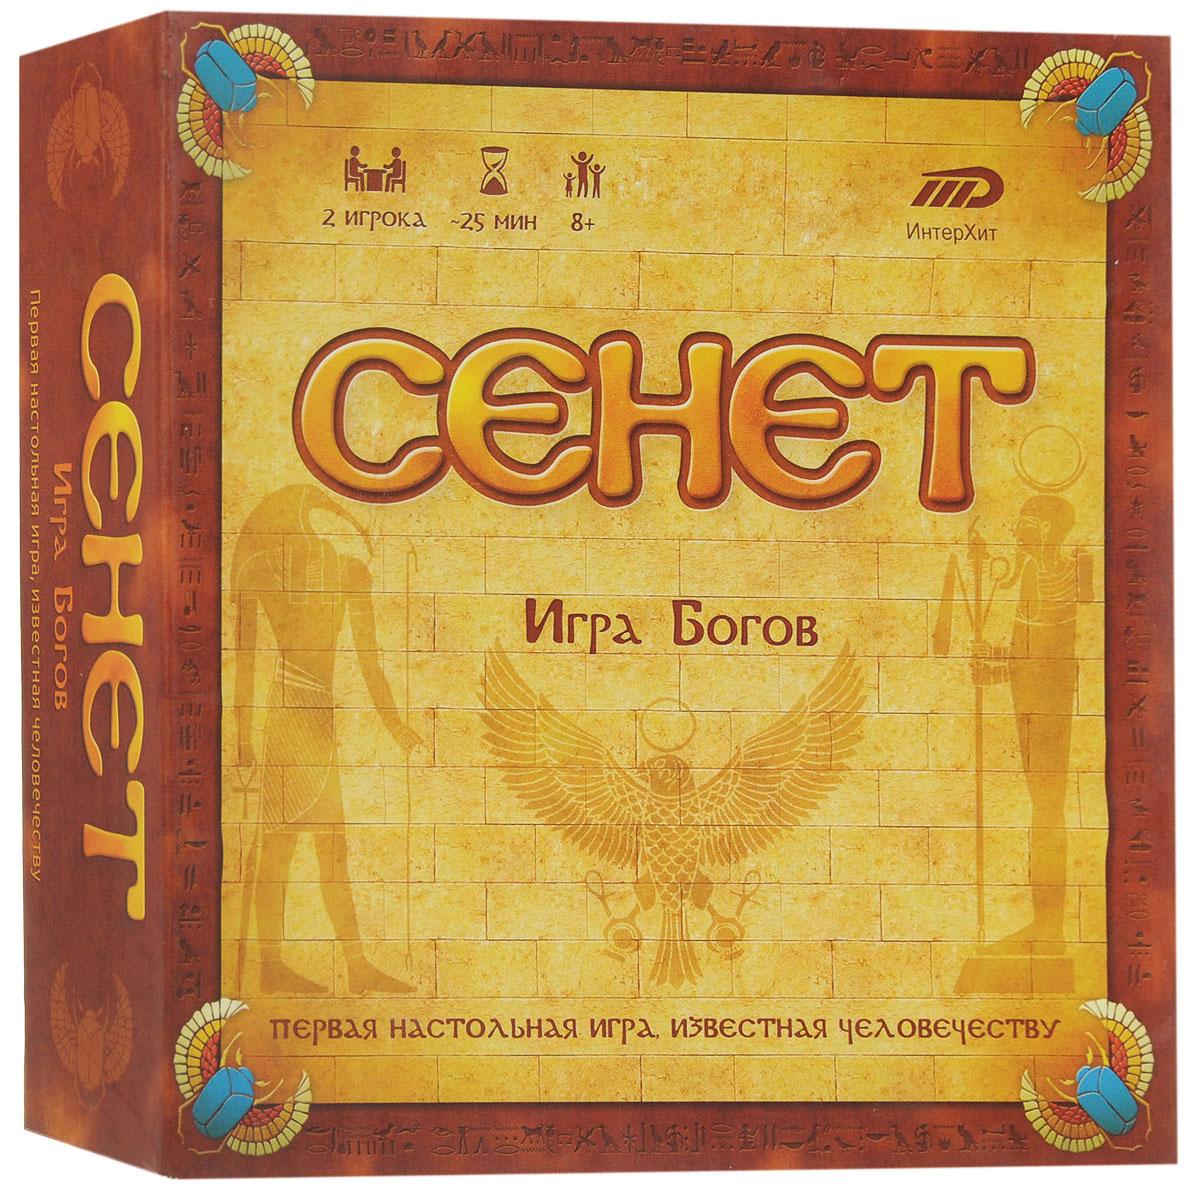 ИнтерХит Настольная игра Сенет97407Настольная игра ИнтерХит Сенет - старейшая известная игра с передвижением фишек на доске, сочетающая в себе элементы удачи и стратегии. Она появилась более 5000 лет назад и ассоциировалась с путешествием в потусторонний мир. Легенда гласит, что изобрел игру древнеегипетский бог знаний Тот для того, чтобы выиграть у божества Луны Хонсу несколько лишних дней для богини Нут, на которую бог солнца Ра наложил проклятие (она не могла родить детей ни в один из 360 дней года). На кон поставили 1/72 часть света каждого из 360 дней лунного года. Тот выиграл 5 суток, после чего в солнечном году стало 365 дней, а в лунном - только 355. Люди же получили новую игру и пять лишних дней в календаре. Из-за элемента удачи, необходимого для победы, считается, что успешный игрок находится под защитой богов. Игра рассчитана на двух игроков. Продолжительность партии - 25 минут. Цель игры: первым вывести все свои фишки с игрового поля.